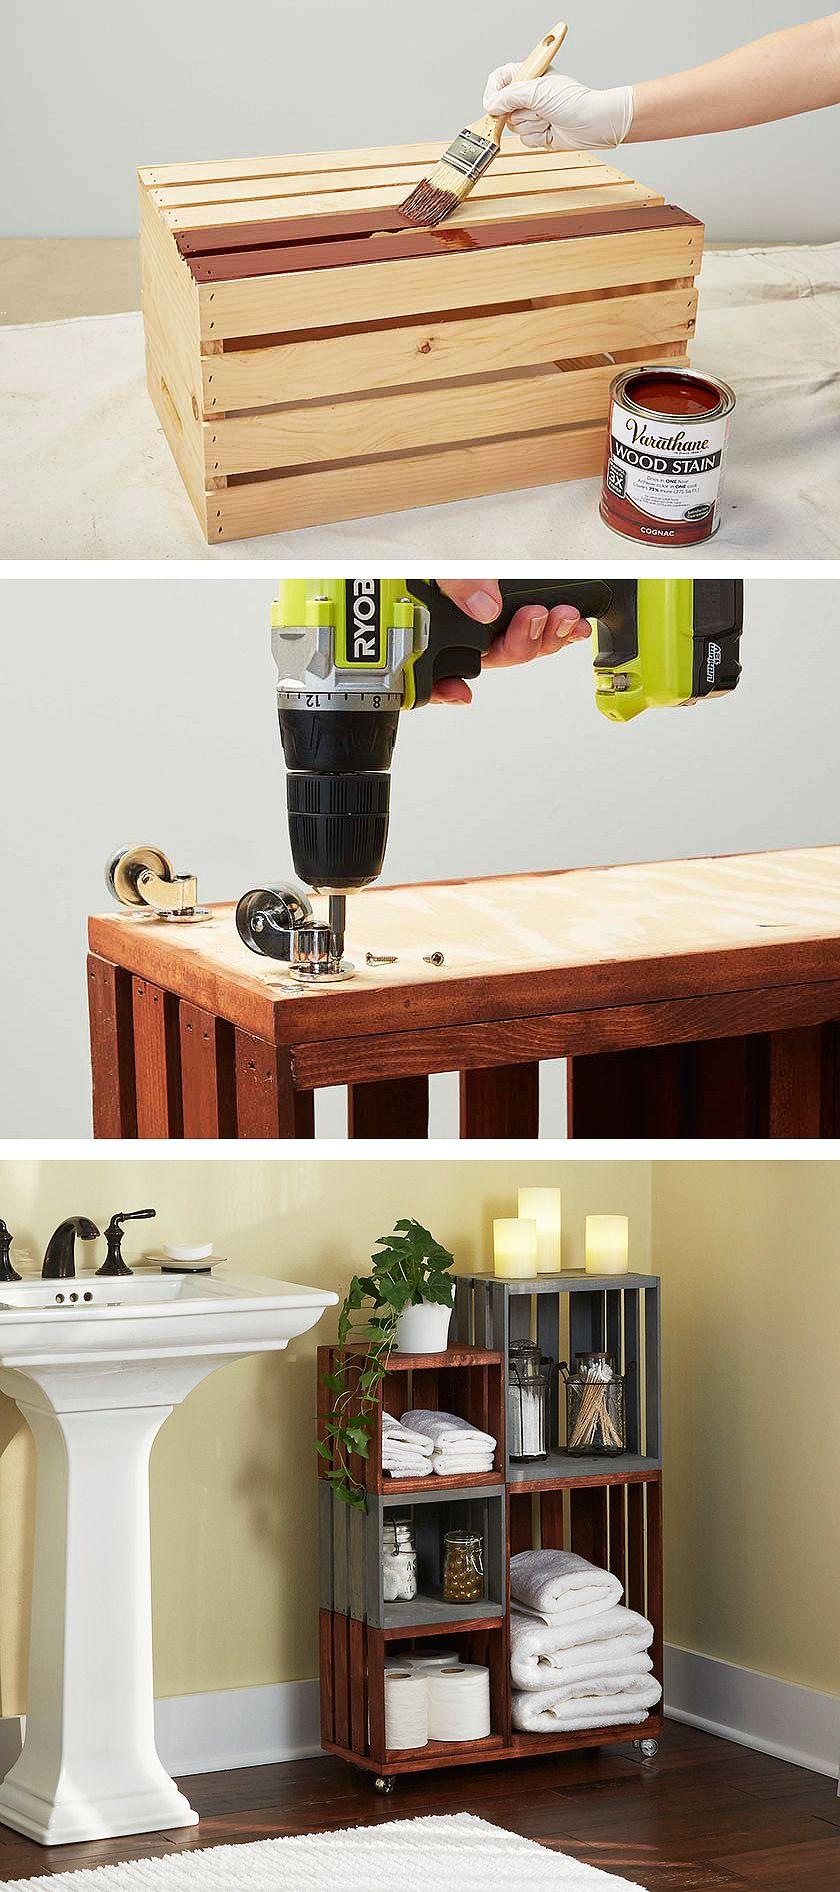 Badezimmer ideen und farben diy bathroom storage shelves made from wooden crates  ideen haus